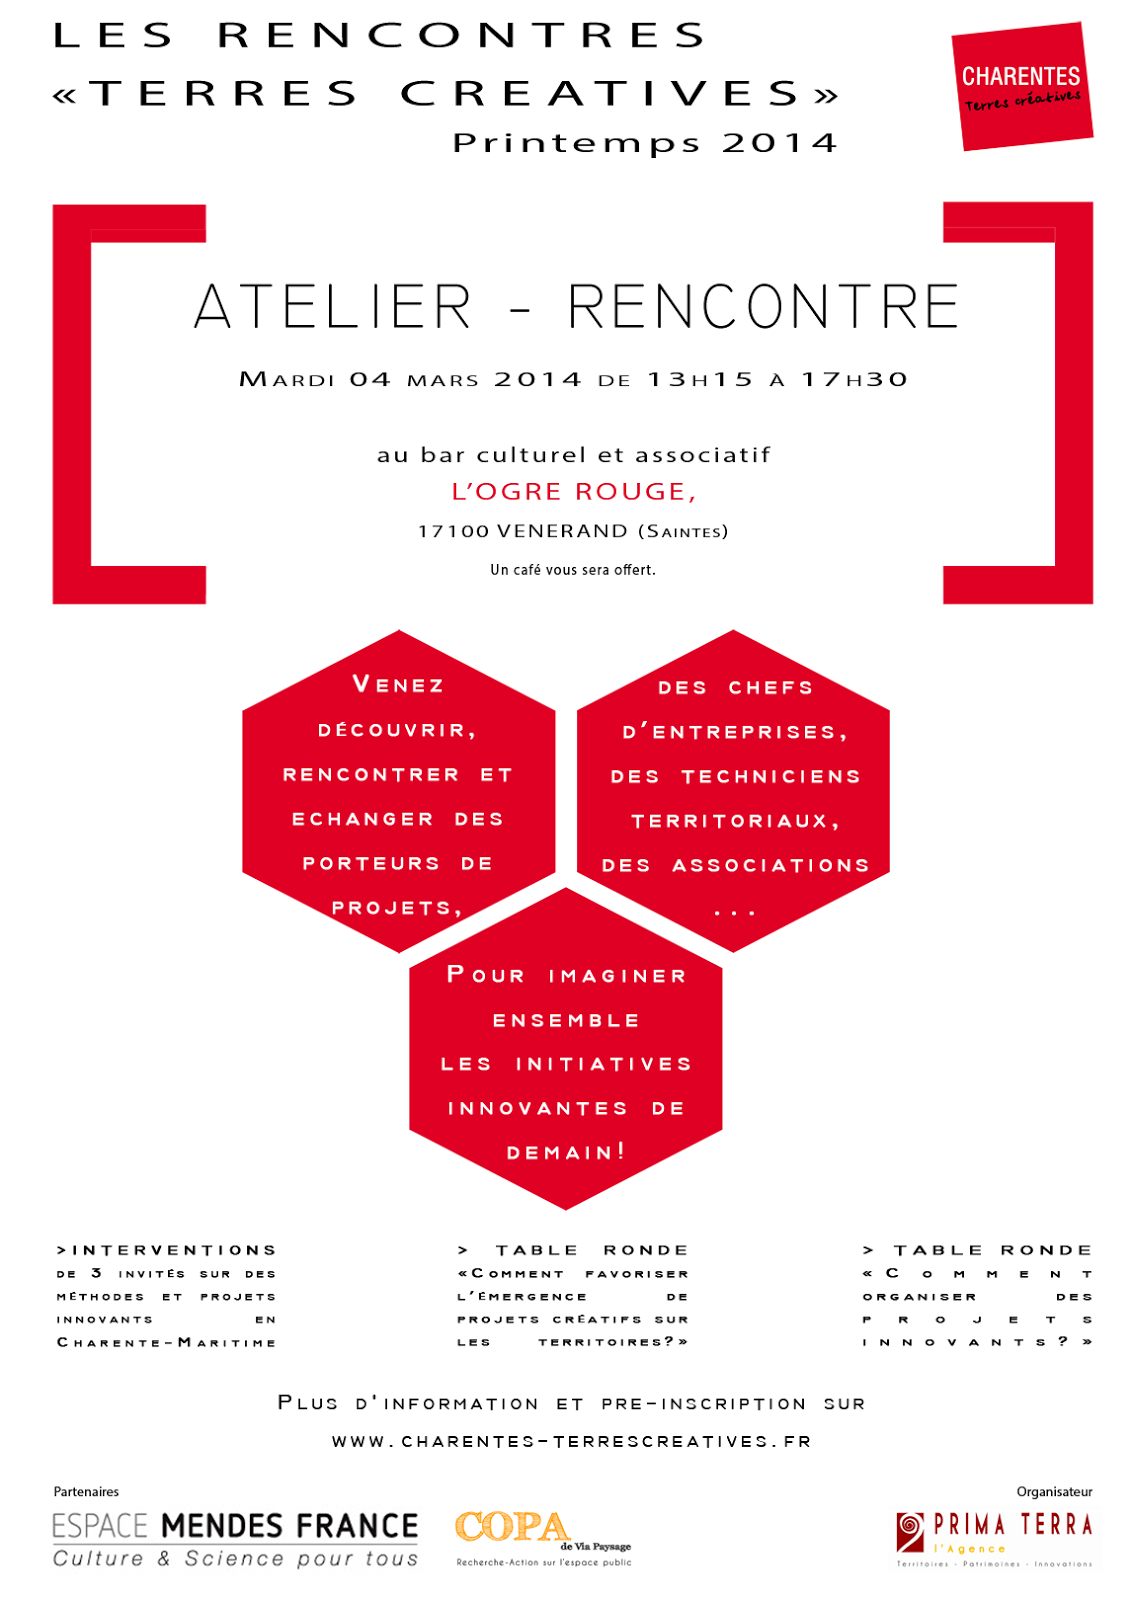 Petites Annonces De La Rubrique Erotique >Rencontres >Femme Cherche Homme